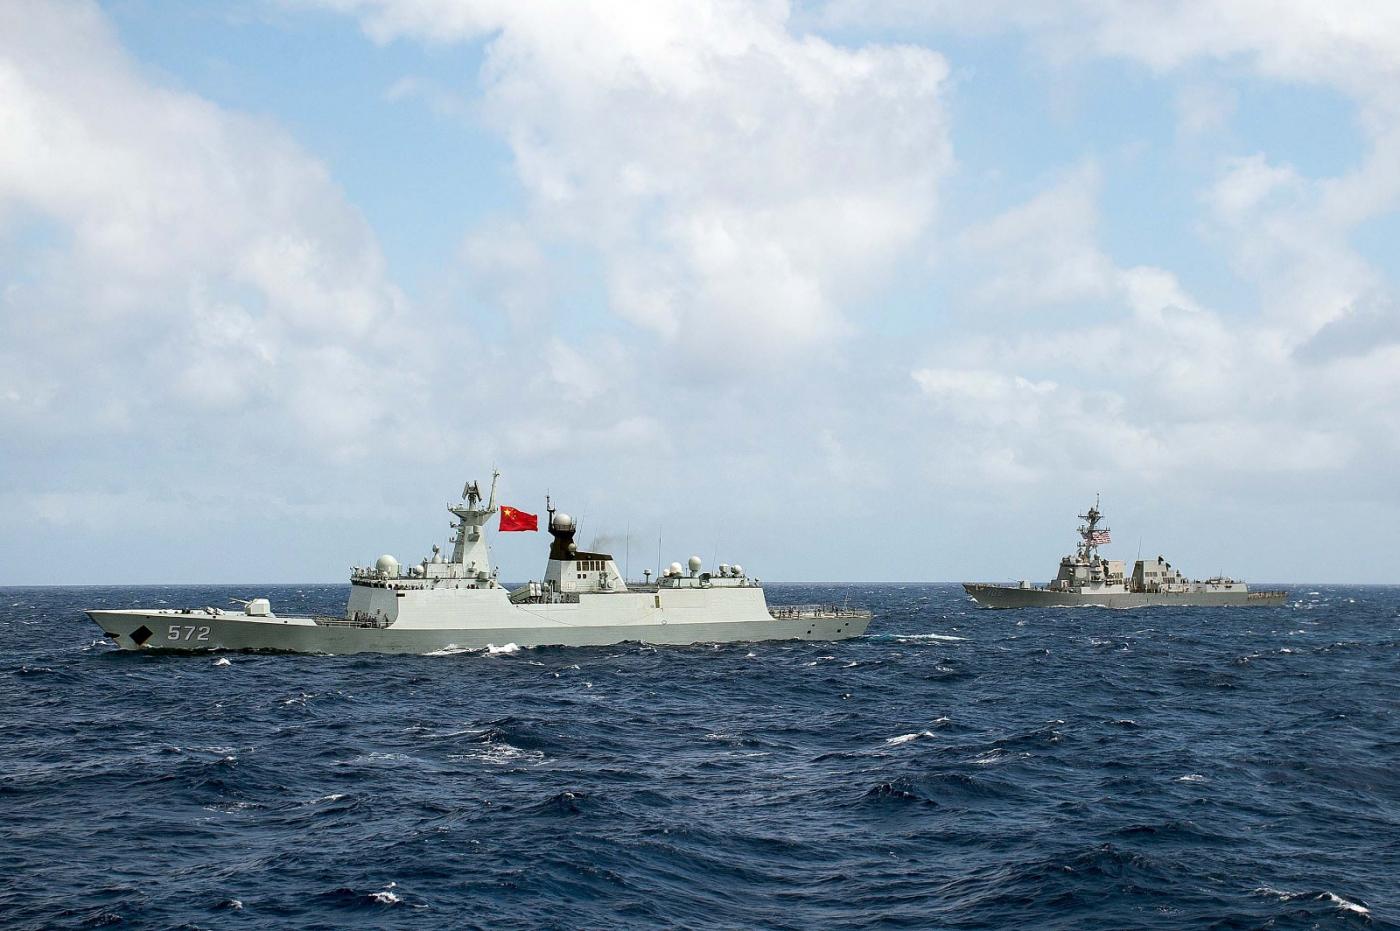 美國拒絕中國參加RIMPAC聯合軍演_圖1-1